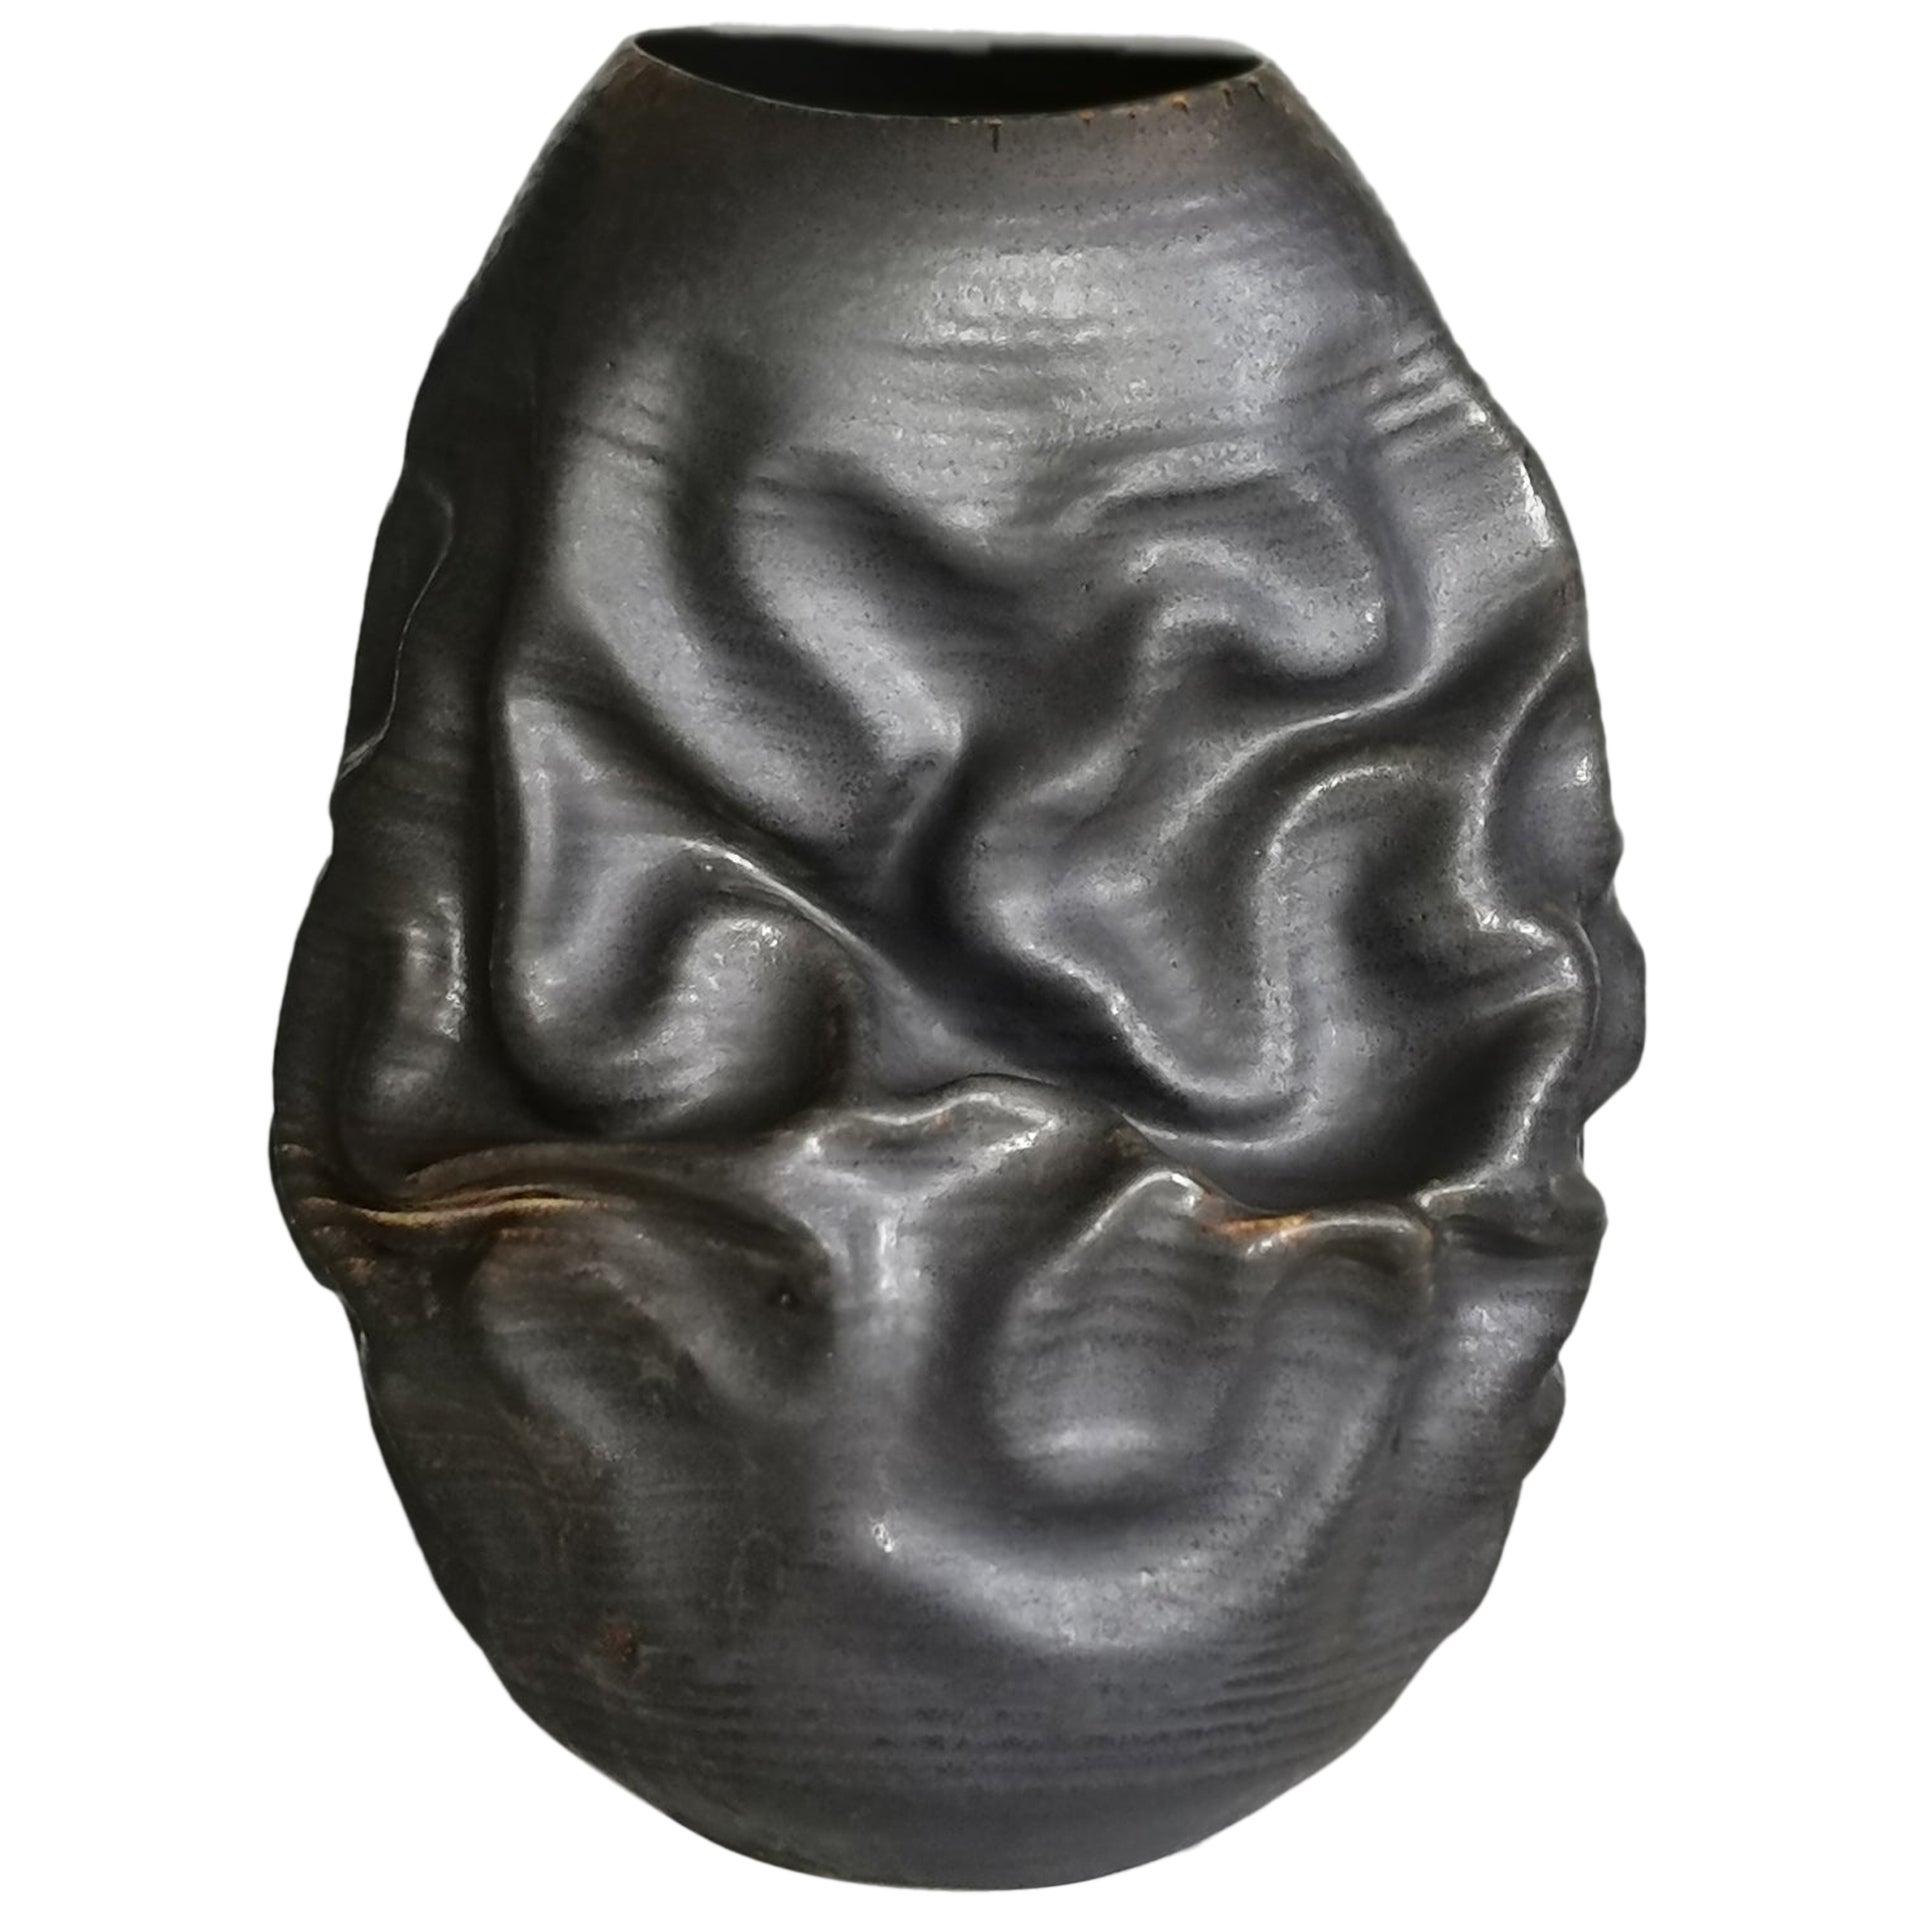 Black Dehydrated Form, Vase, Interior Sculpture or Vessel, Objet D'Art